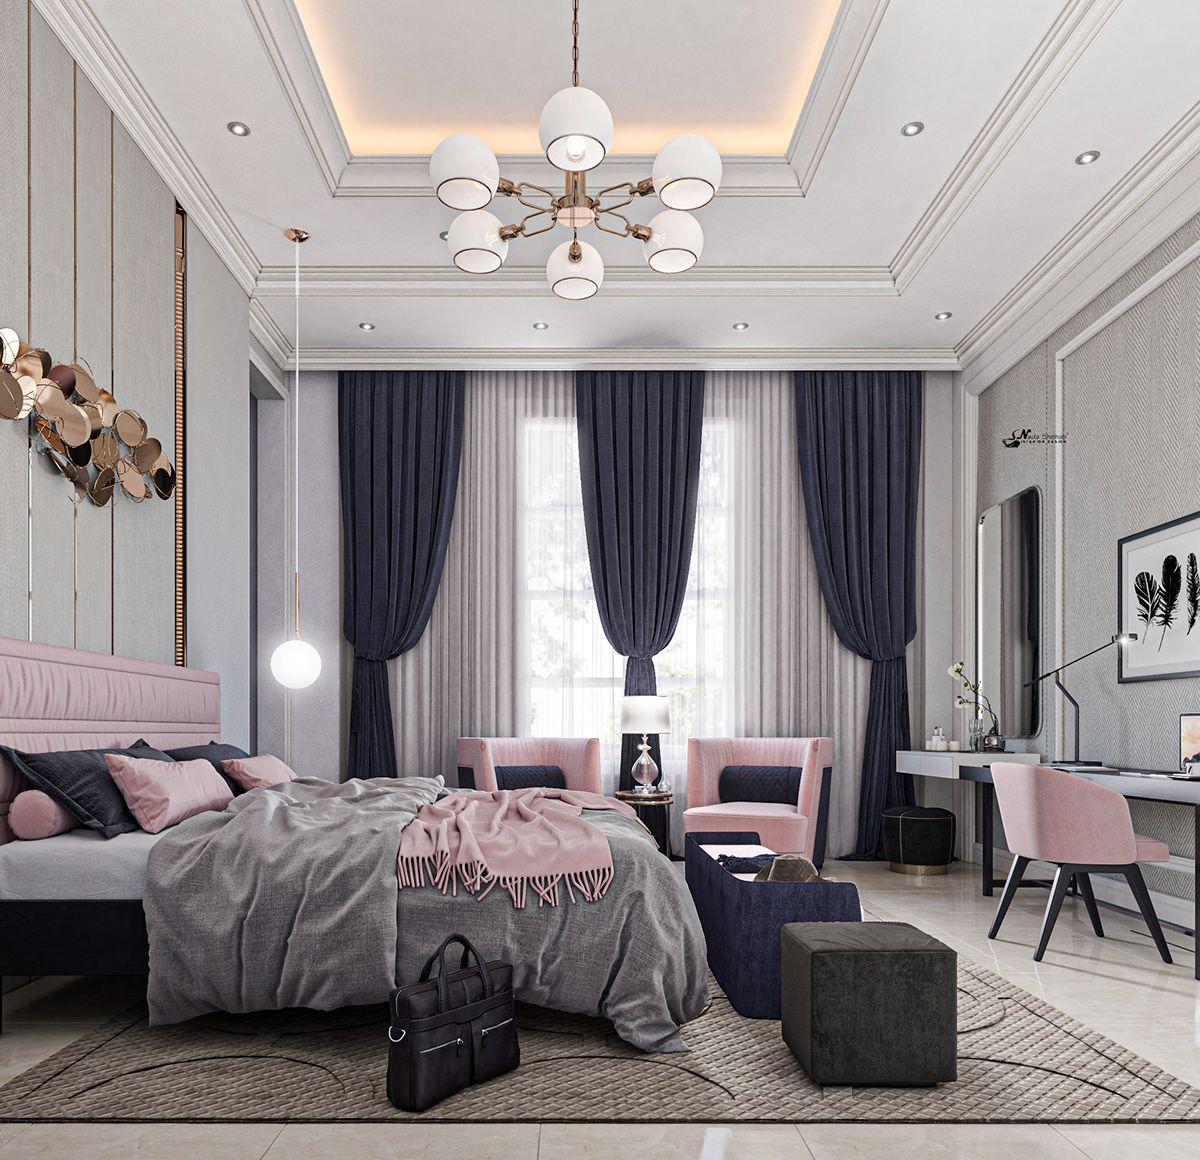 Pink Bedroom On Behance Luxurious Bedrooms Modern Luxury Bedroom Bedroom Interior Pink modern luxury room